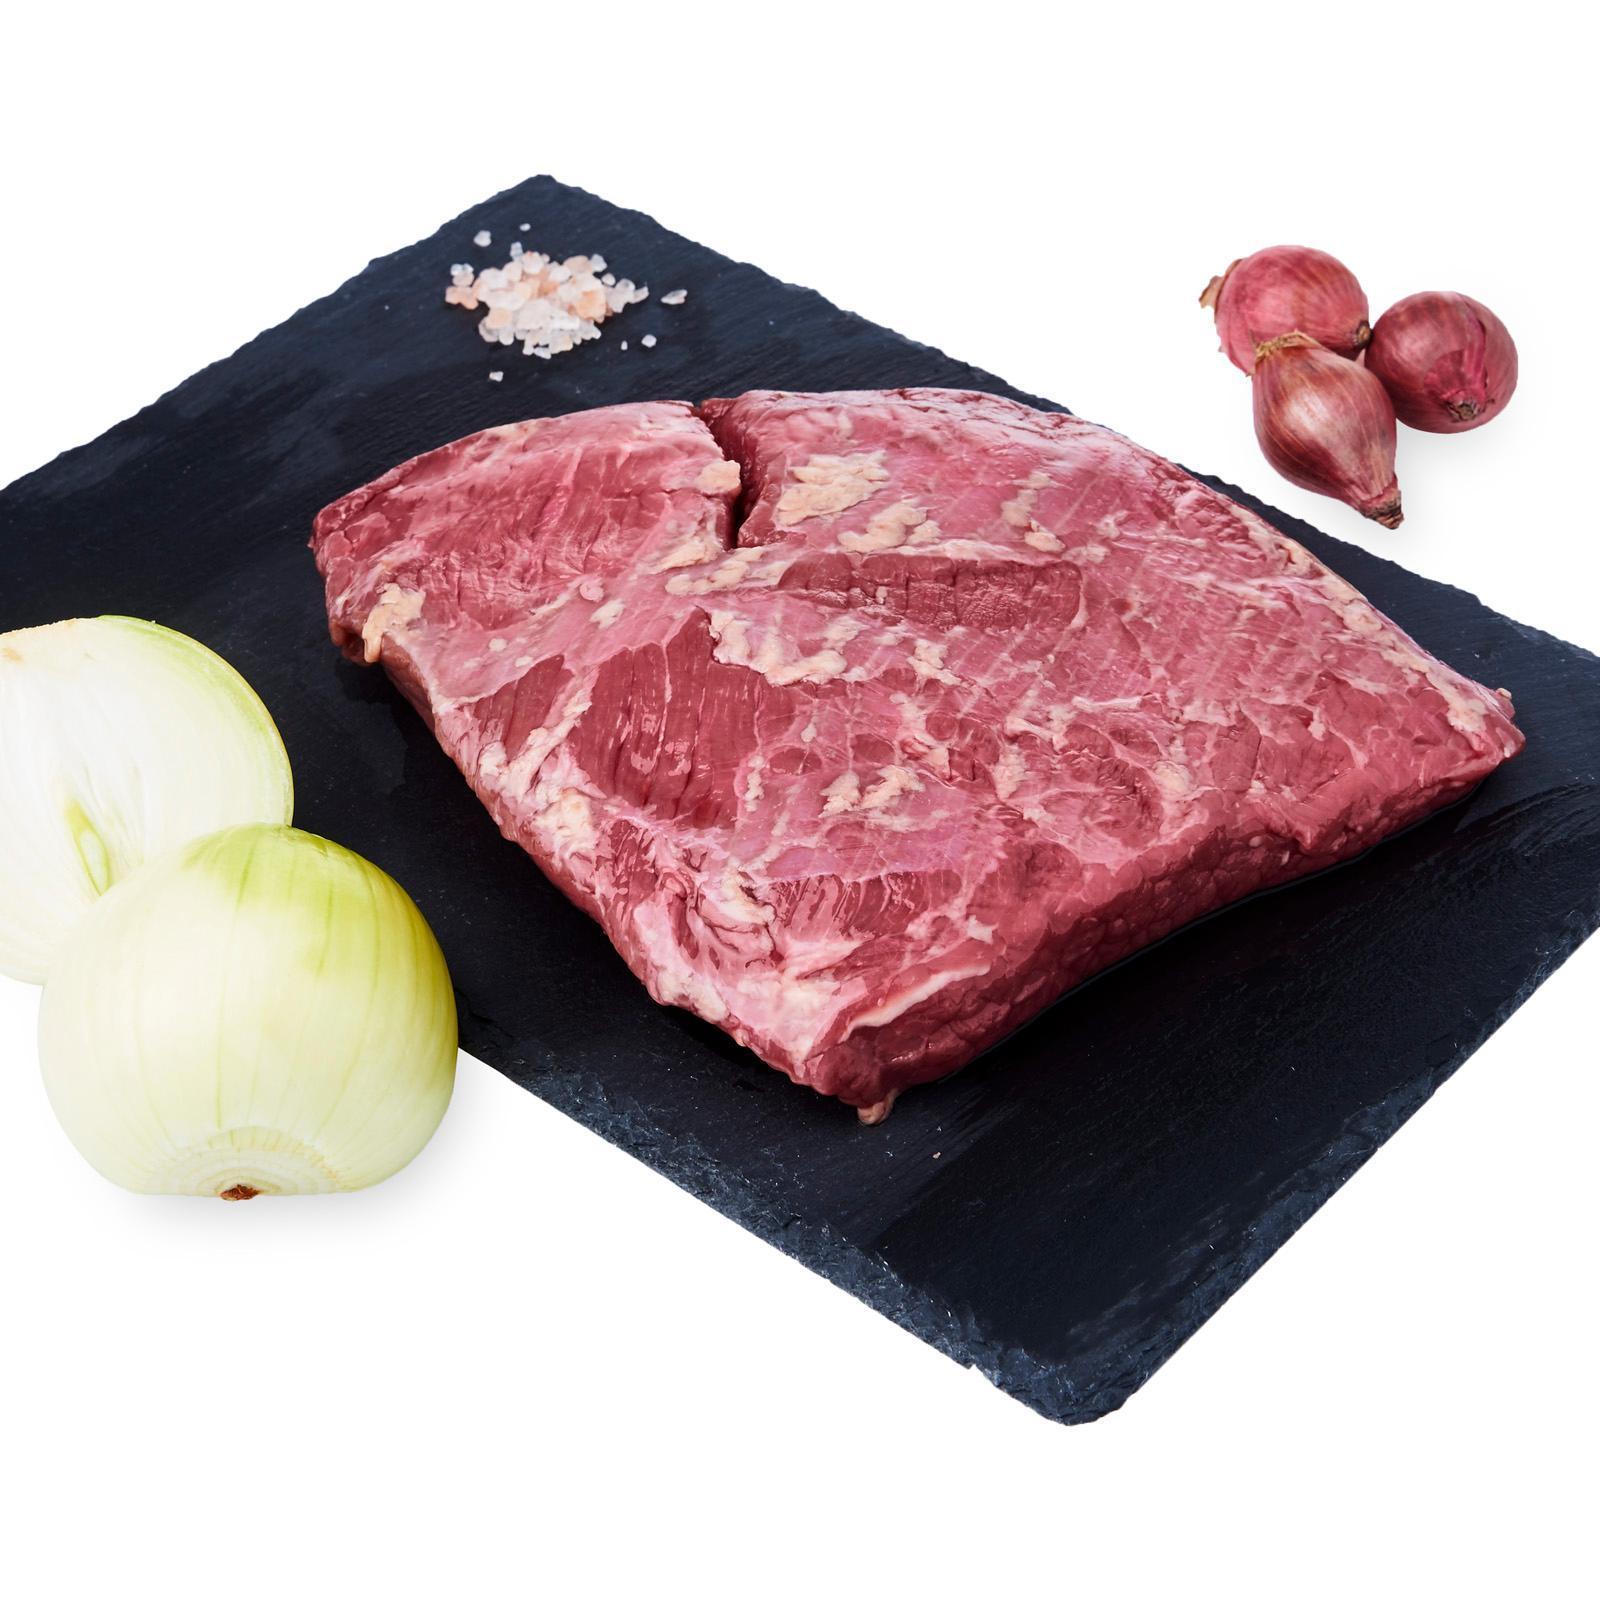 AW'S Market Chilled Beef Brisket